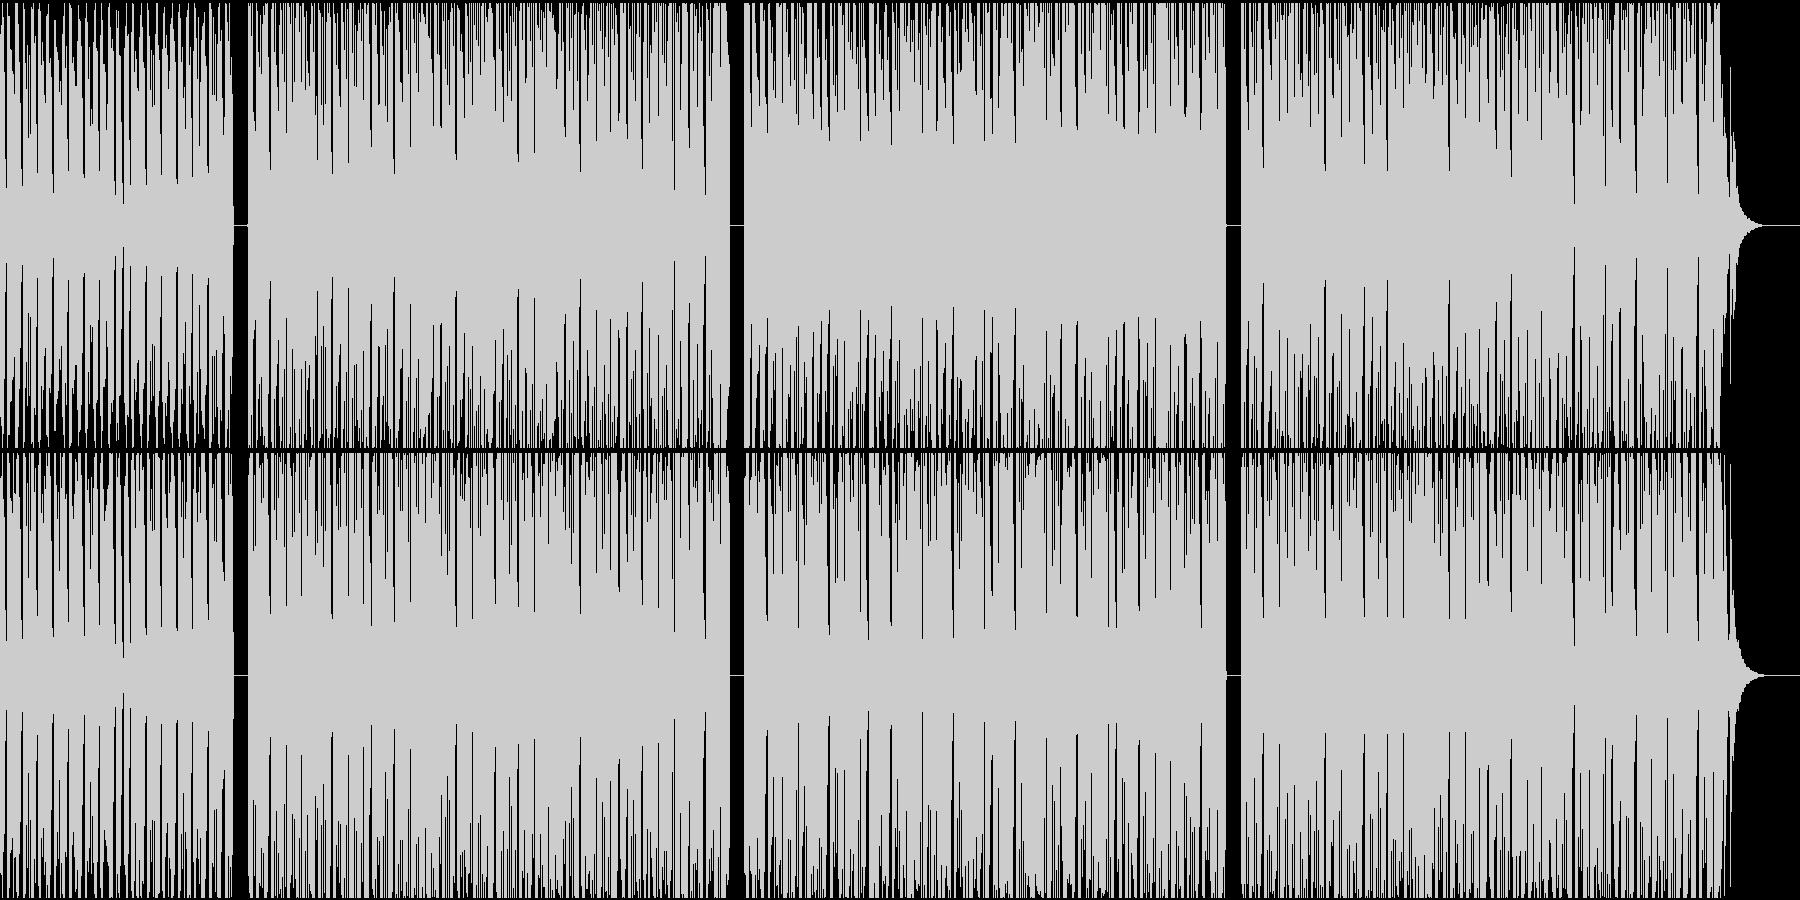 少し肌寒い感じのハウスサウンドの未再生の波形